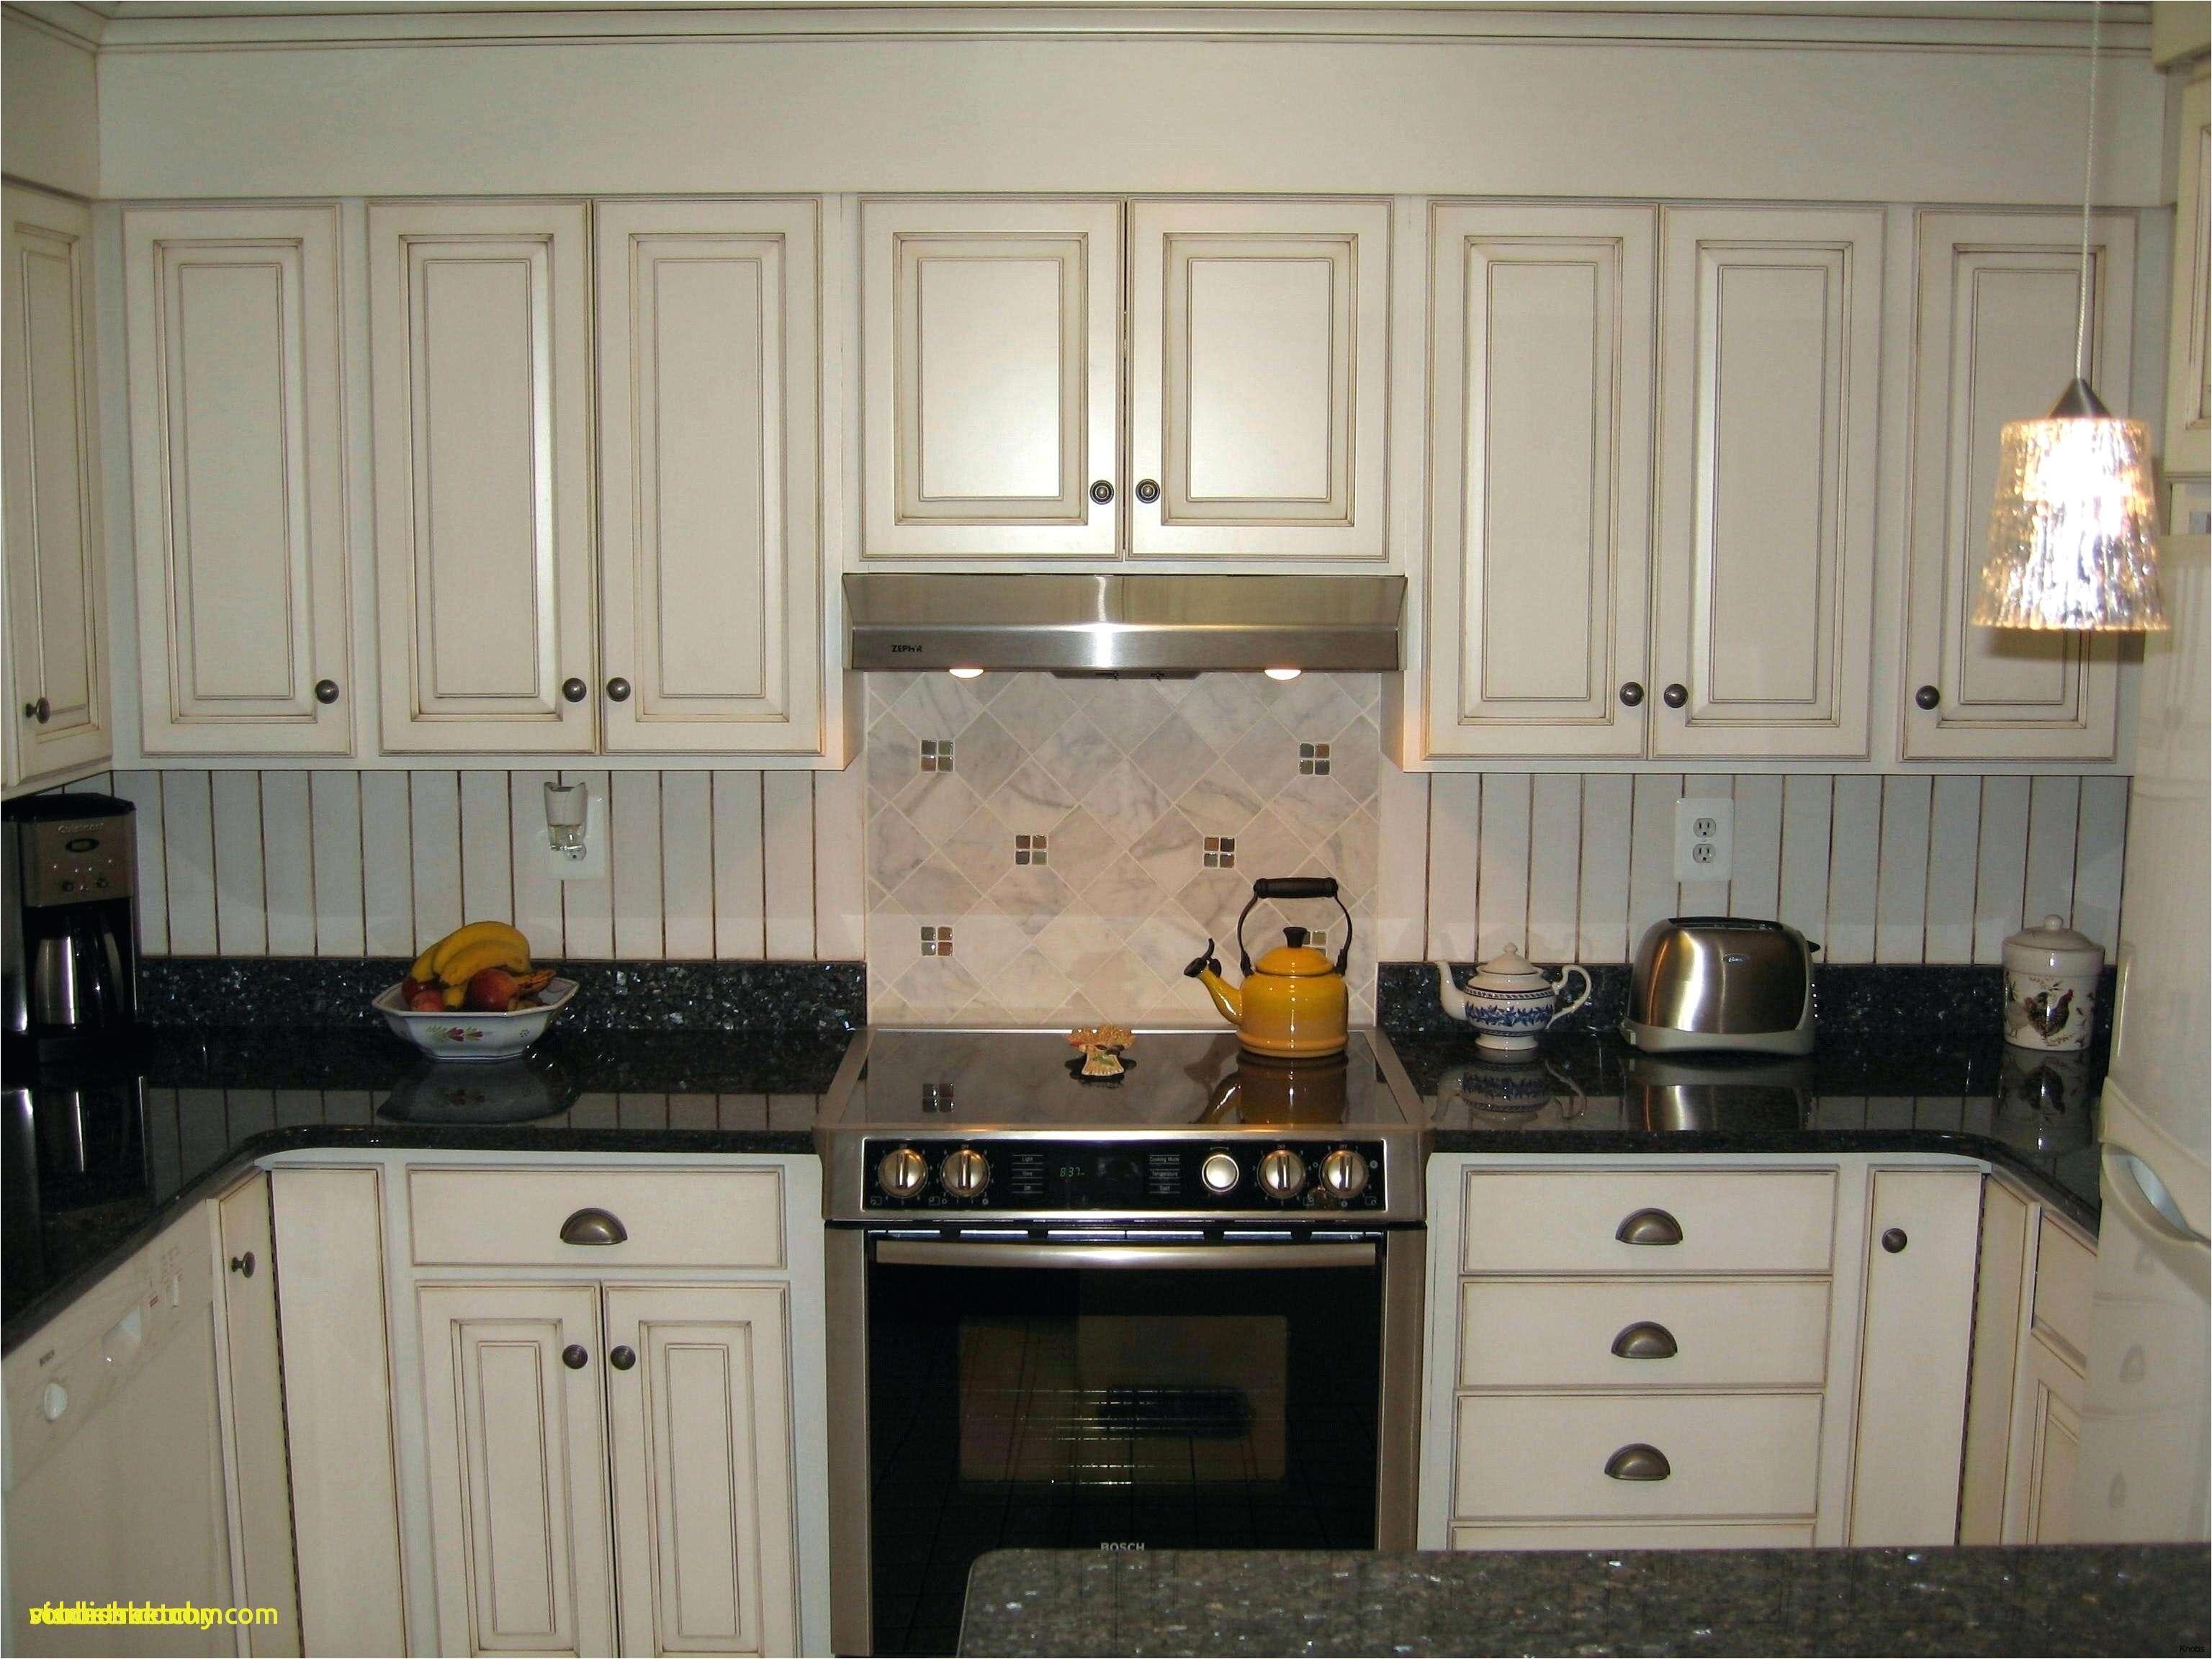 Elegant Simple Kitchen Cabinets And Kitchen Hardware Best Kitchen Hardware 0d Design Ideas Kitchen